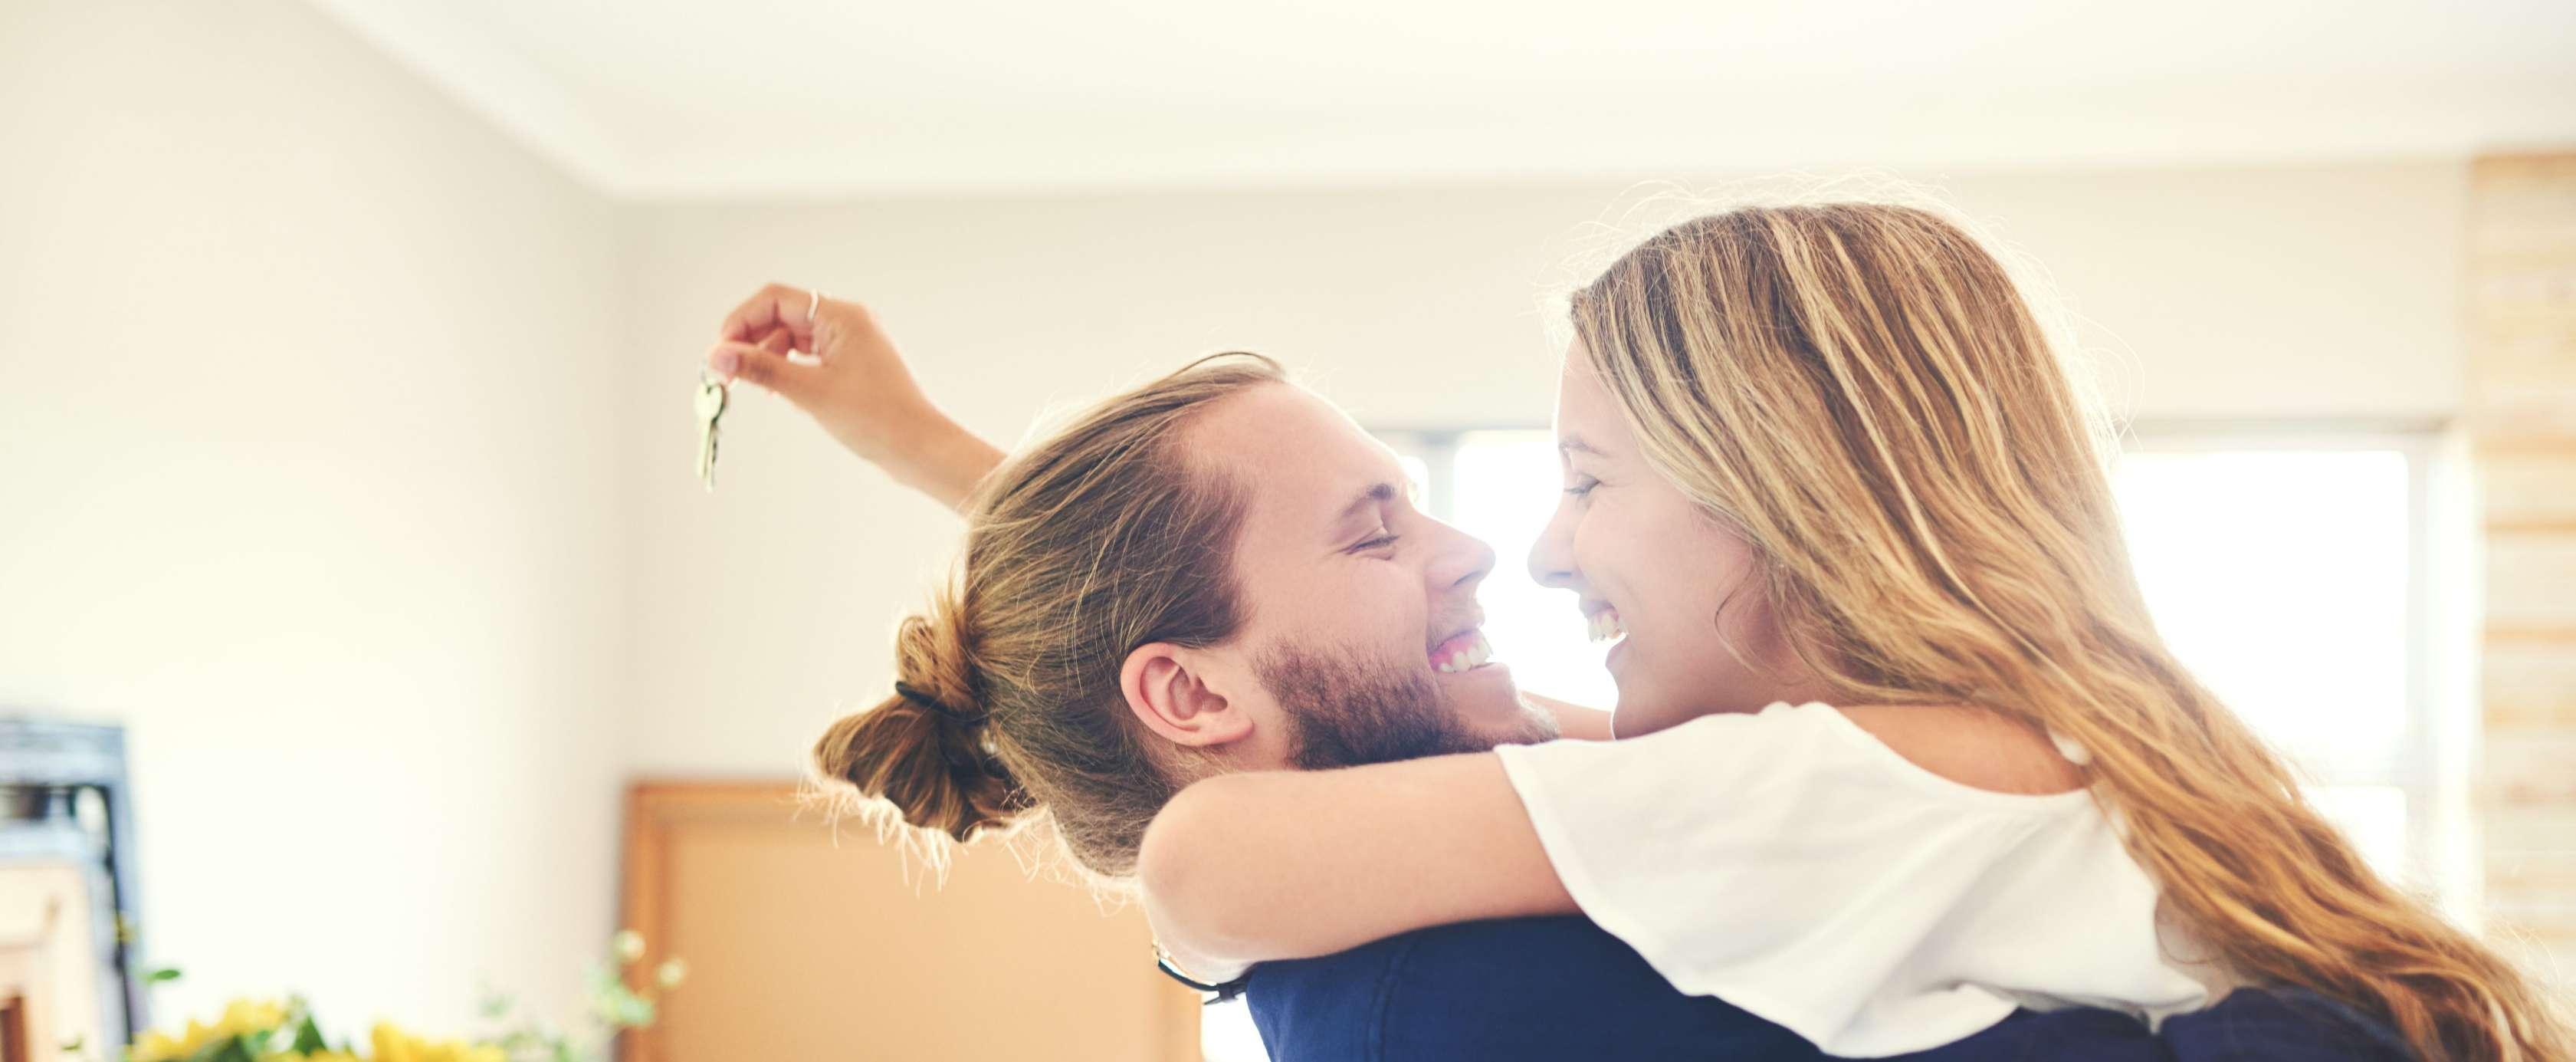 Ein junges Paar hält sich im Arm und lächelt sich fröhlich an. Im Hintergrund sieht man ihr neues Haus, sie hält den neuen Hausschlüssel in der Hand.